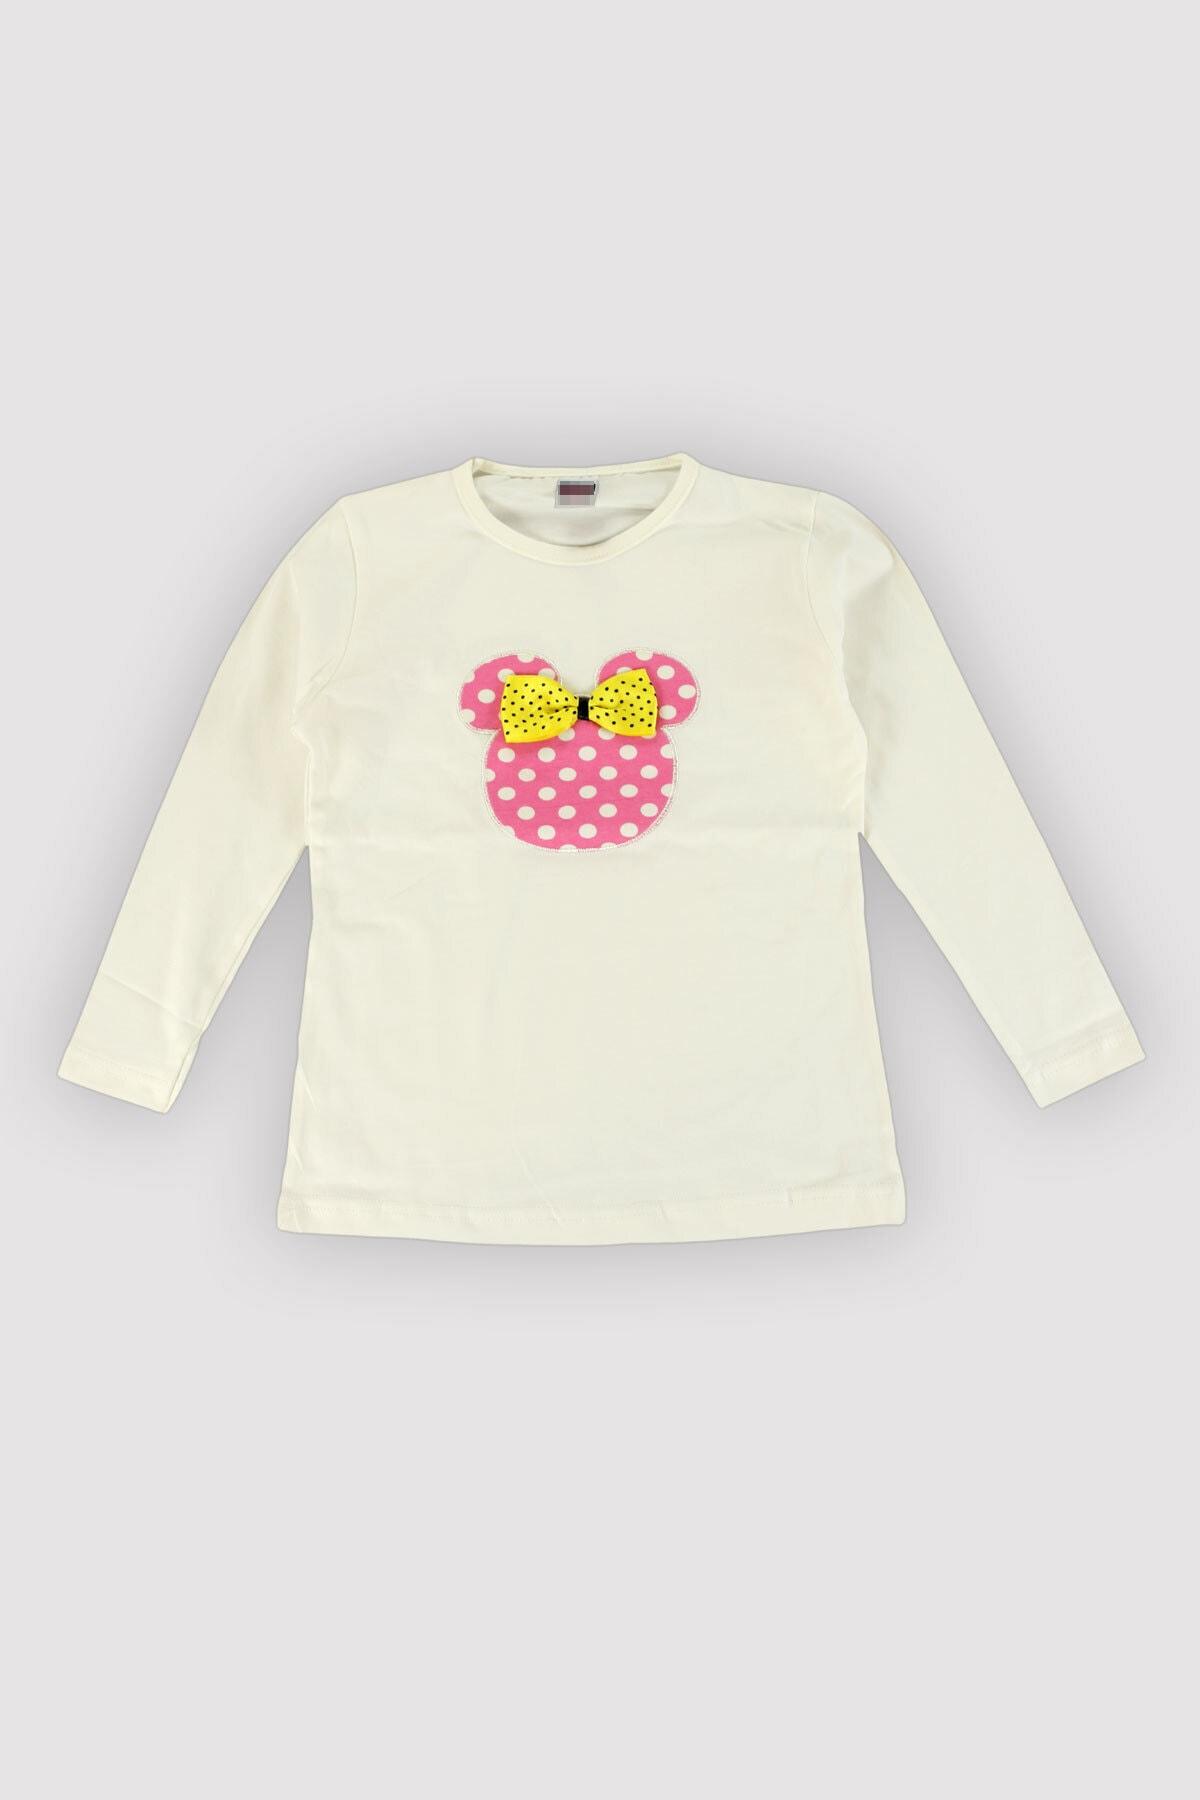 Peki 4 Mevsim Kız Çocuk Likralı Karışık Renk-nakış Puanlı Taytlı Takım 12343 2